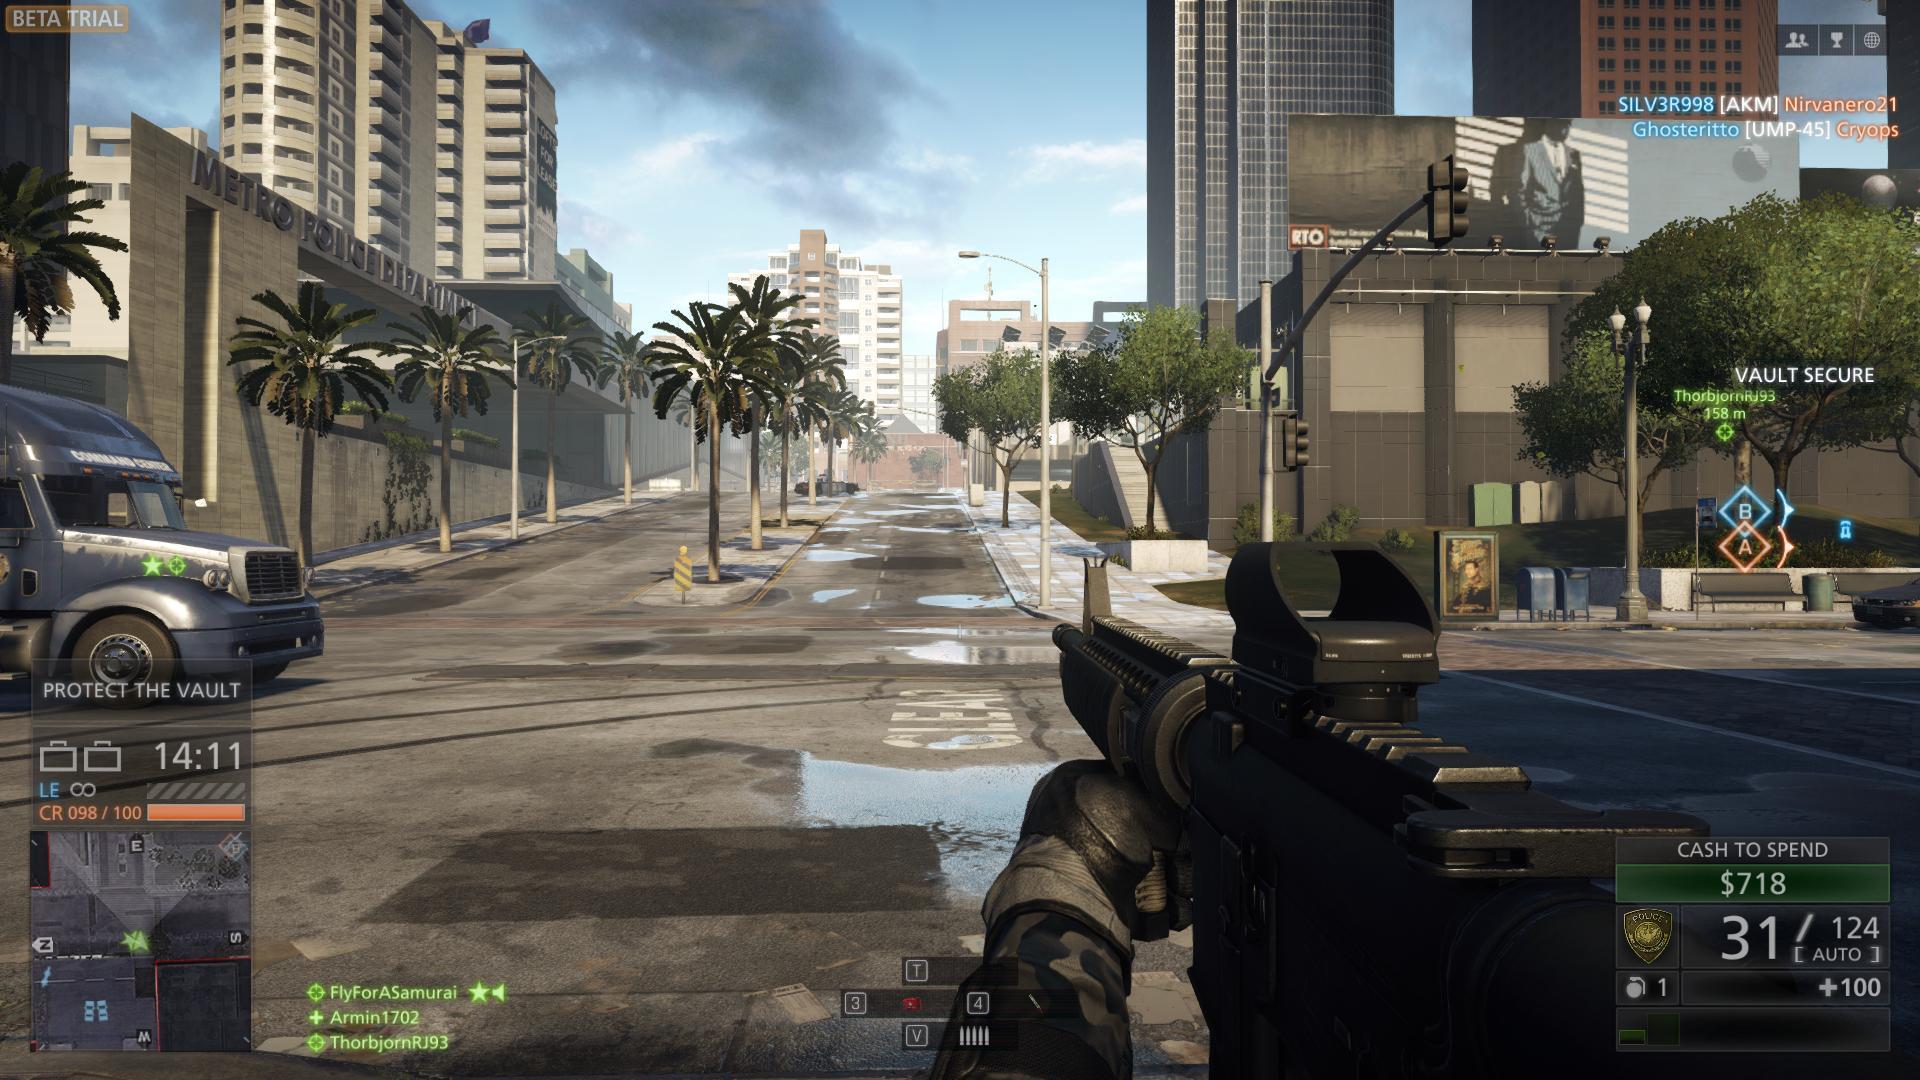 Pubg 21 9 Wallpaper Battlefield Hardline Cop Out Games Reviews Paste